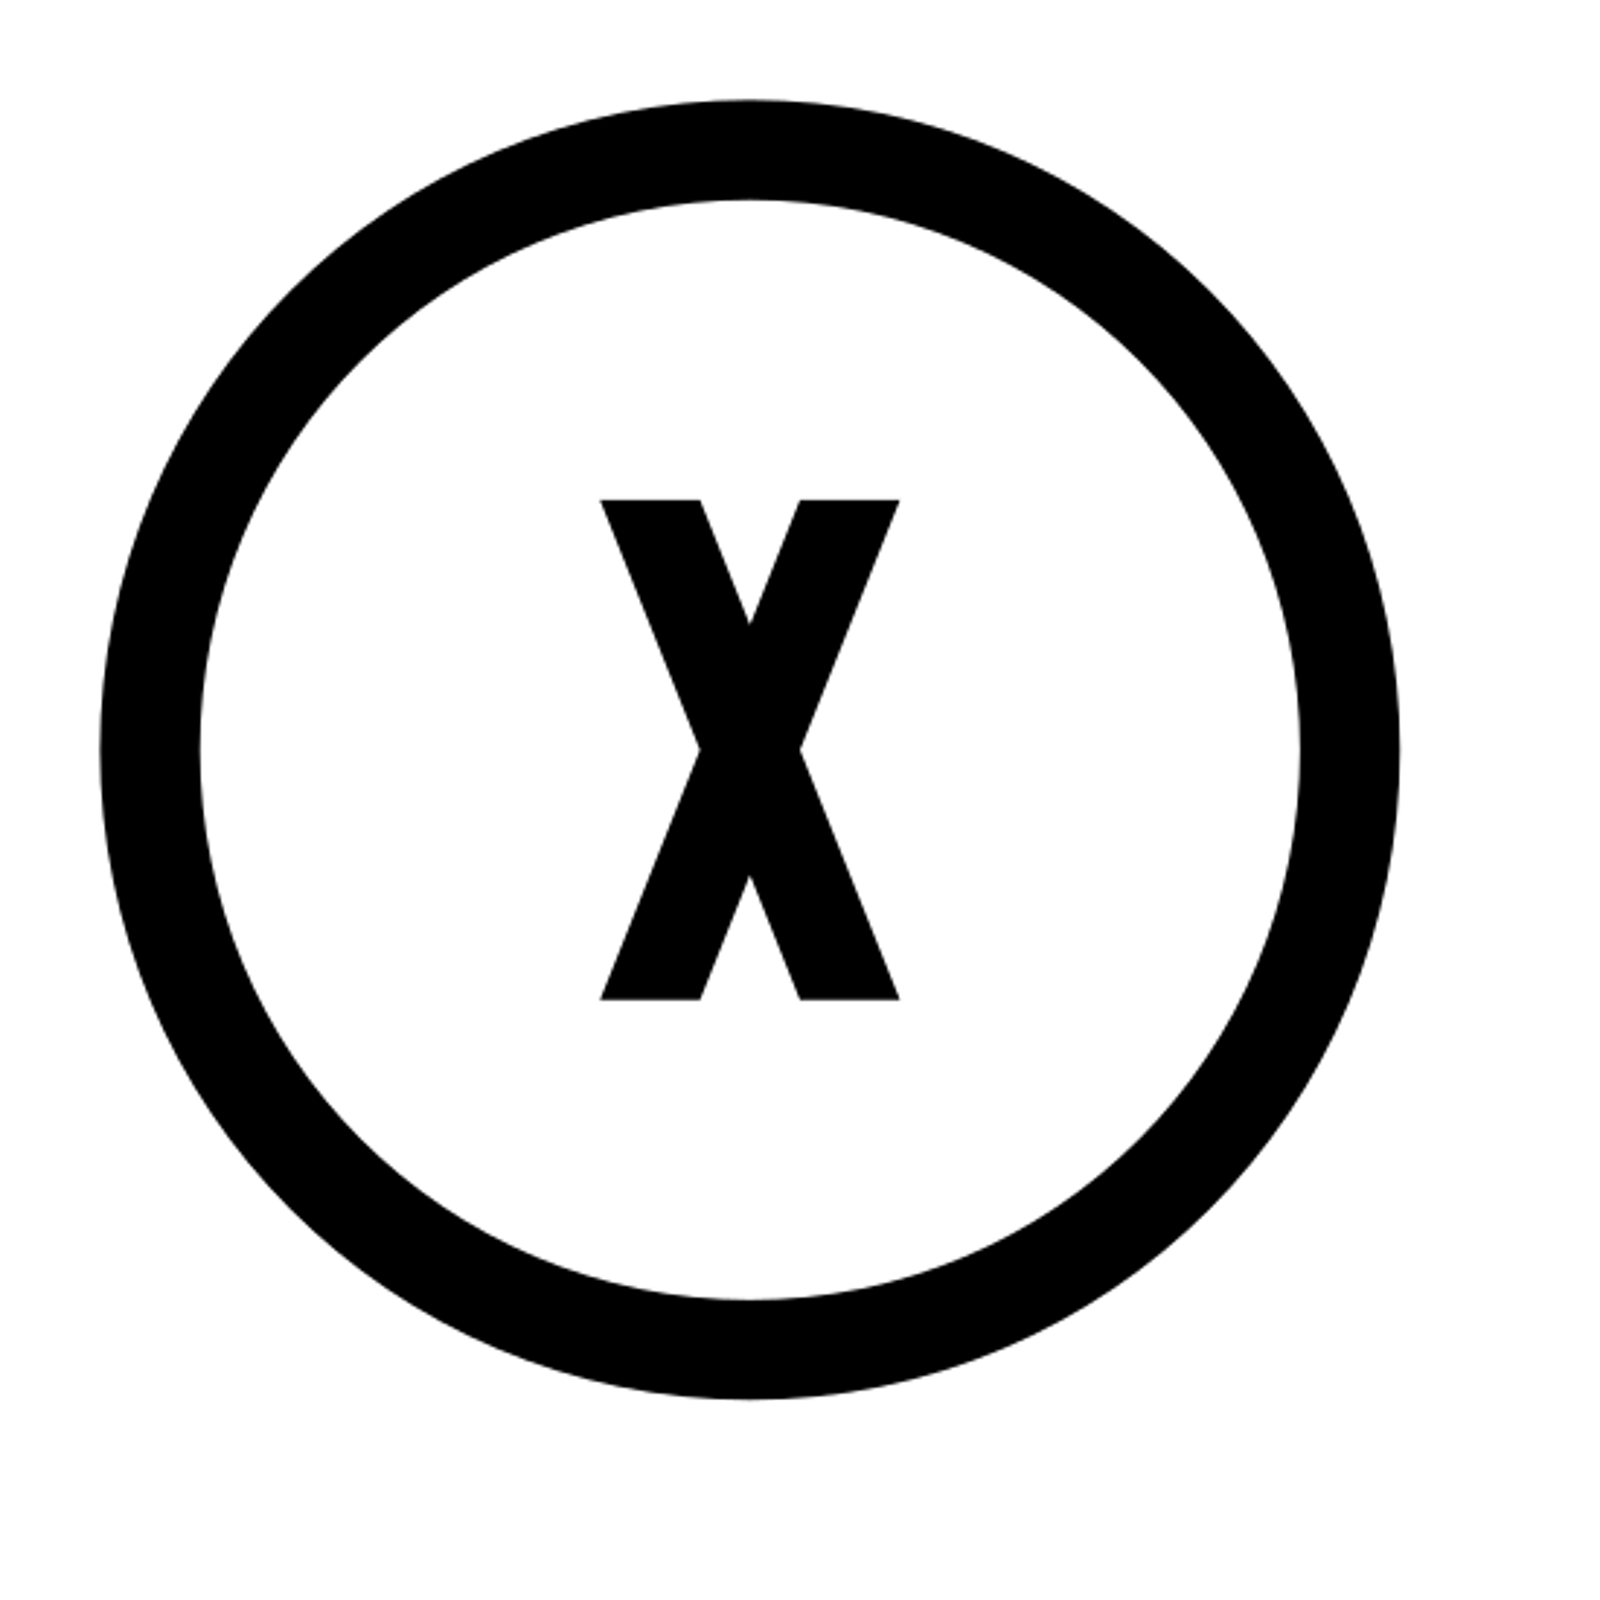 Circled X icon